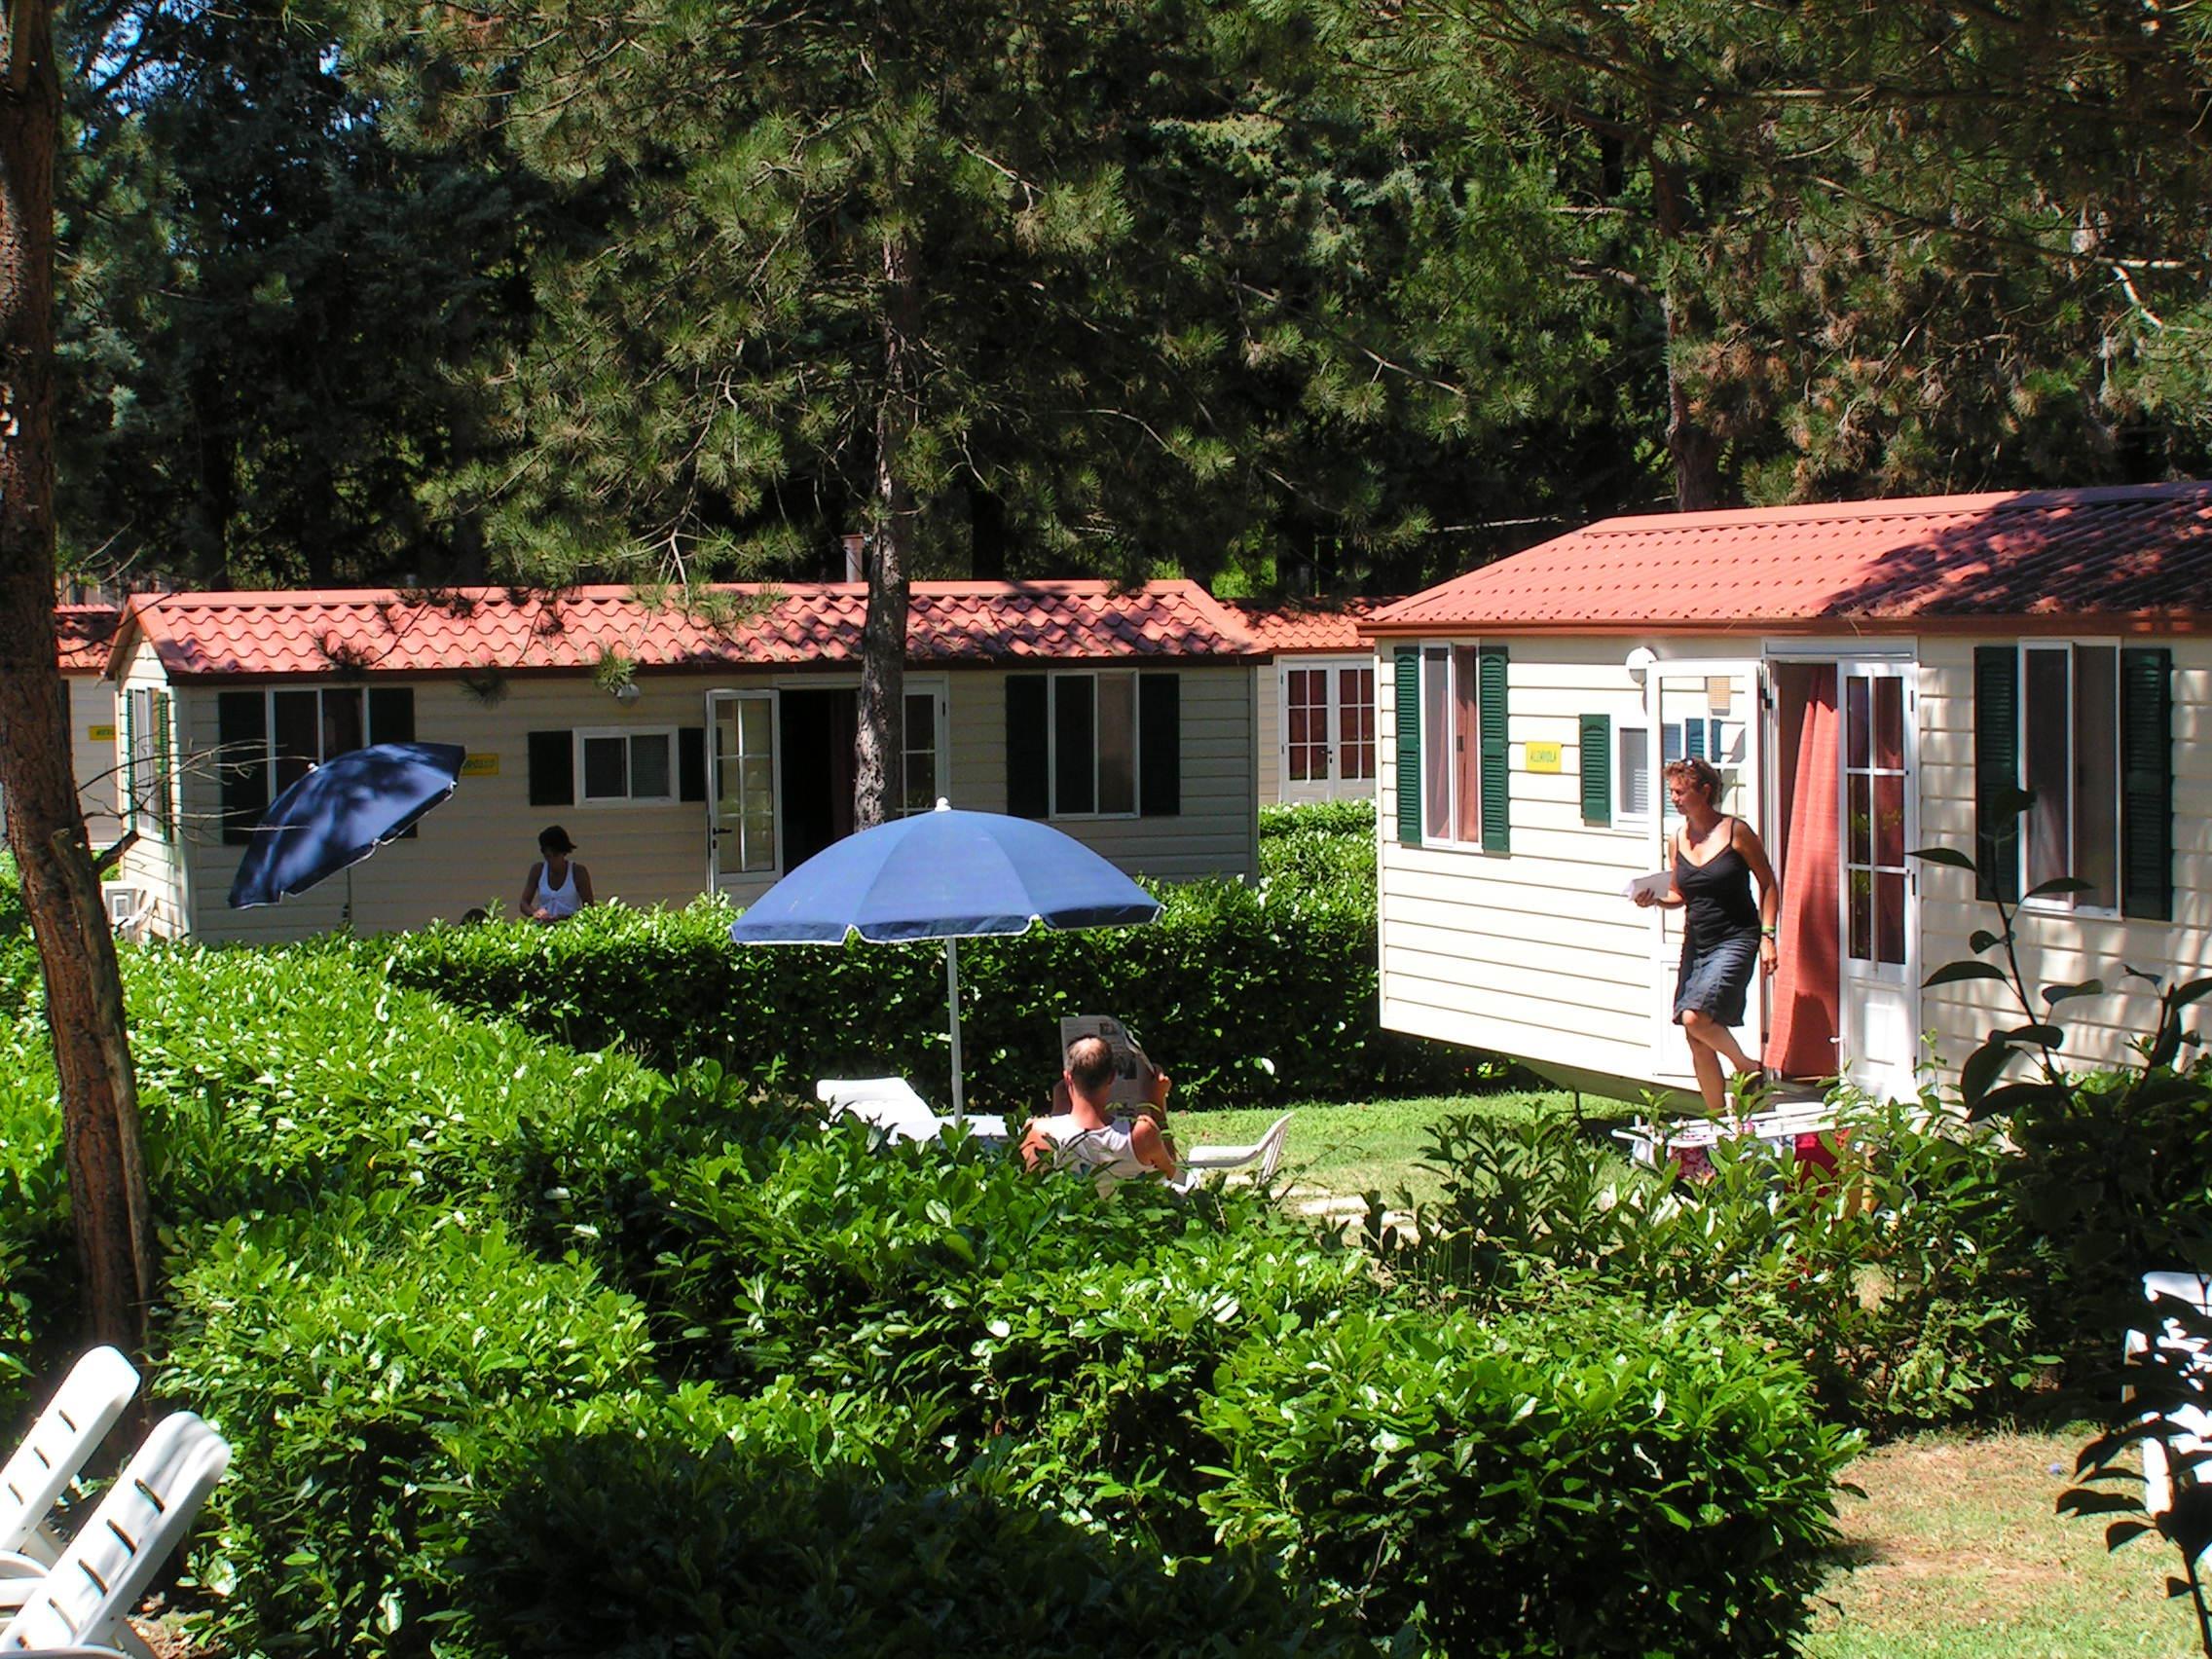 Casa Mobile SUPERIOR 24 m² - 4 posti letto + 2 persone extra nella zona giorno - 1 bagno - giardino - aria condizionata opzionale